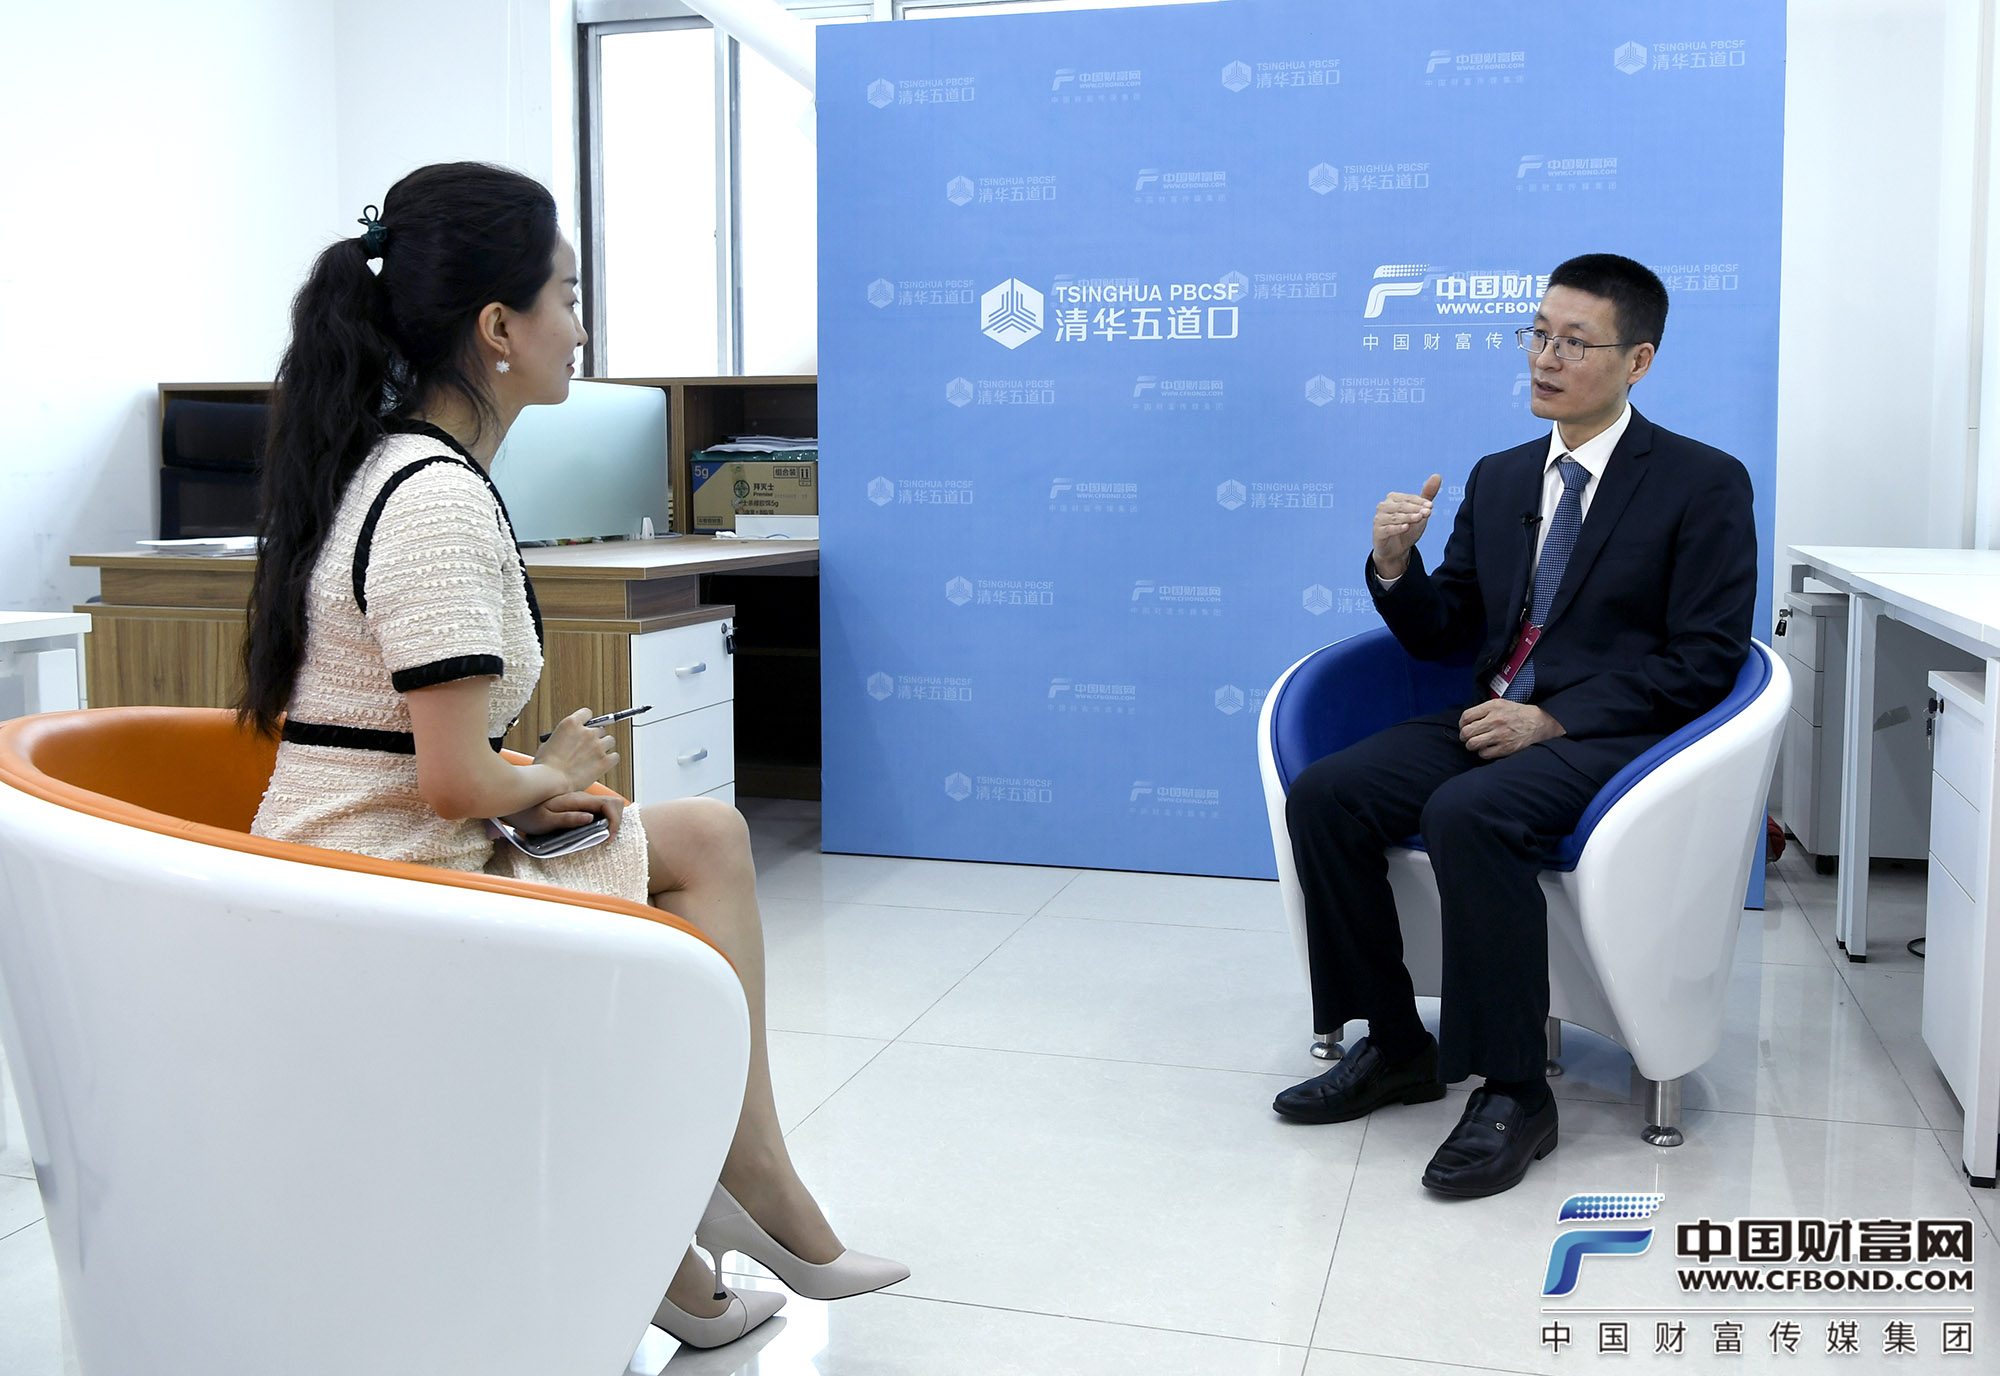 独家专访陆磊:金融开放考验监管能力